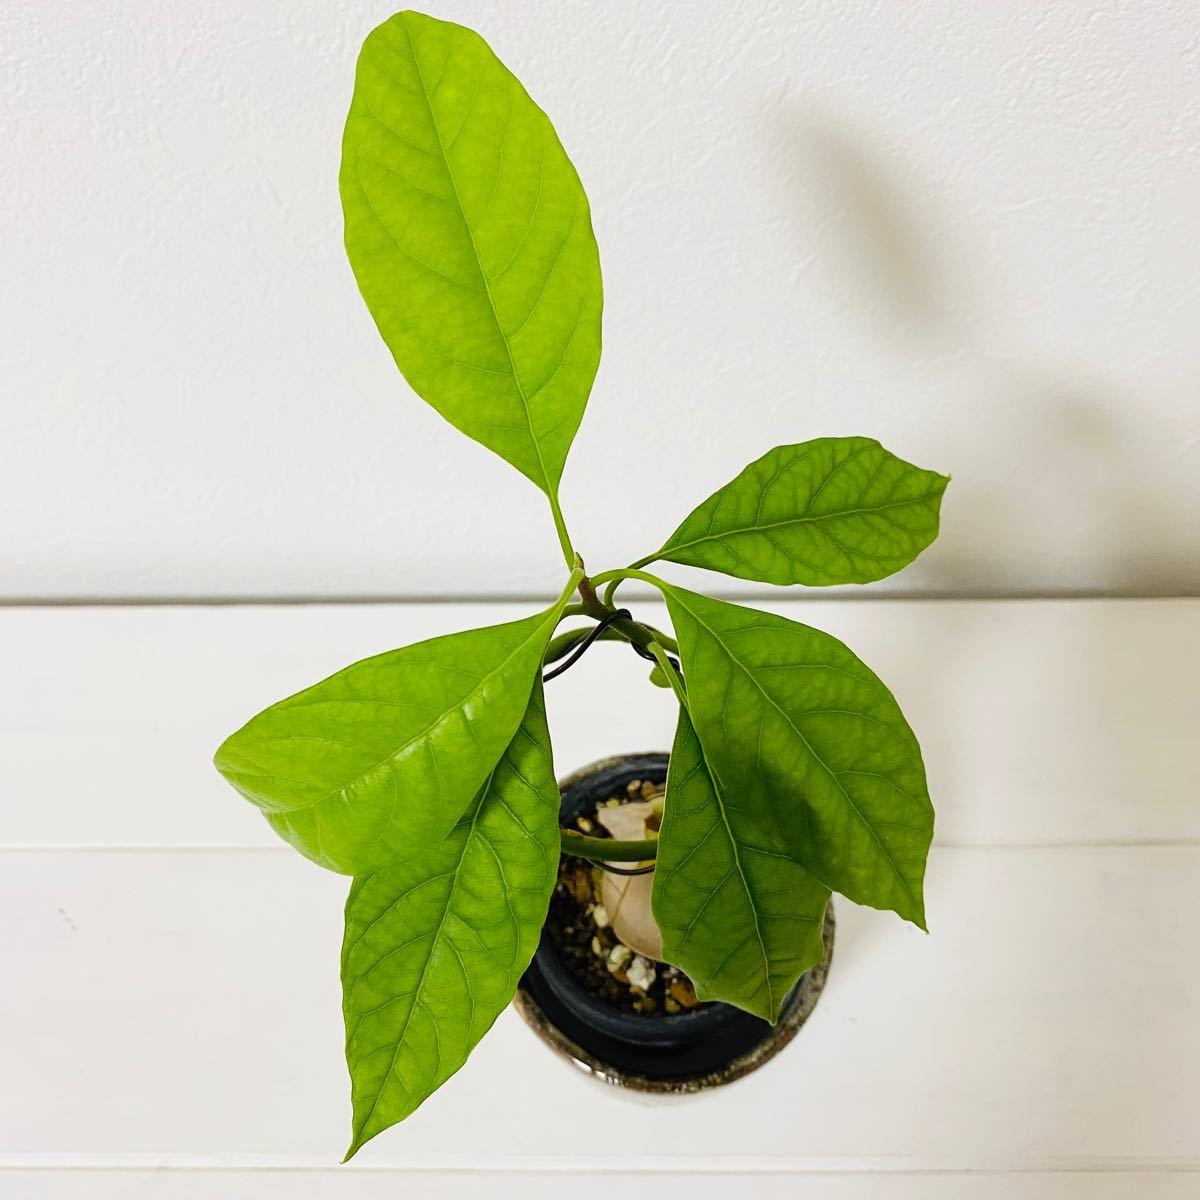 【観葉植物】アボカド・ハス 昇竜仕立て